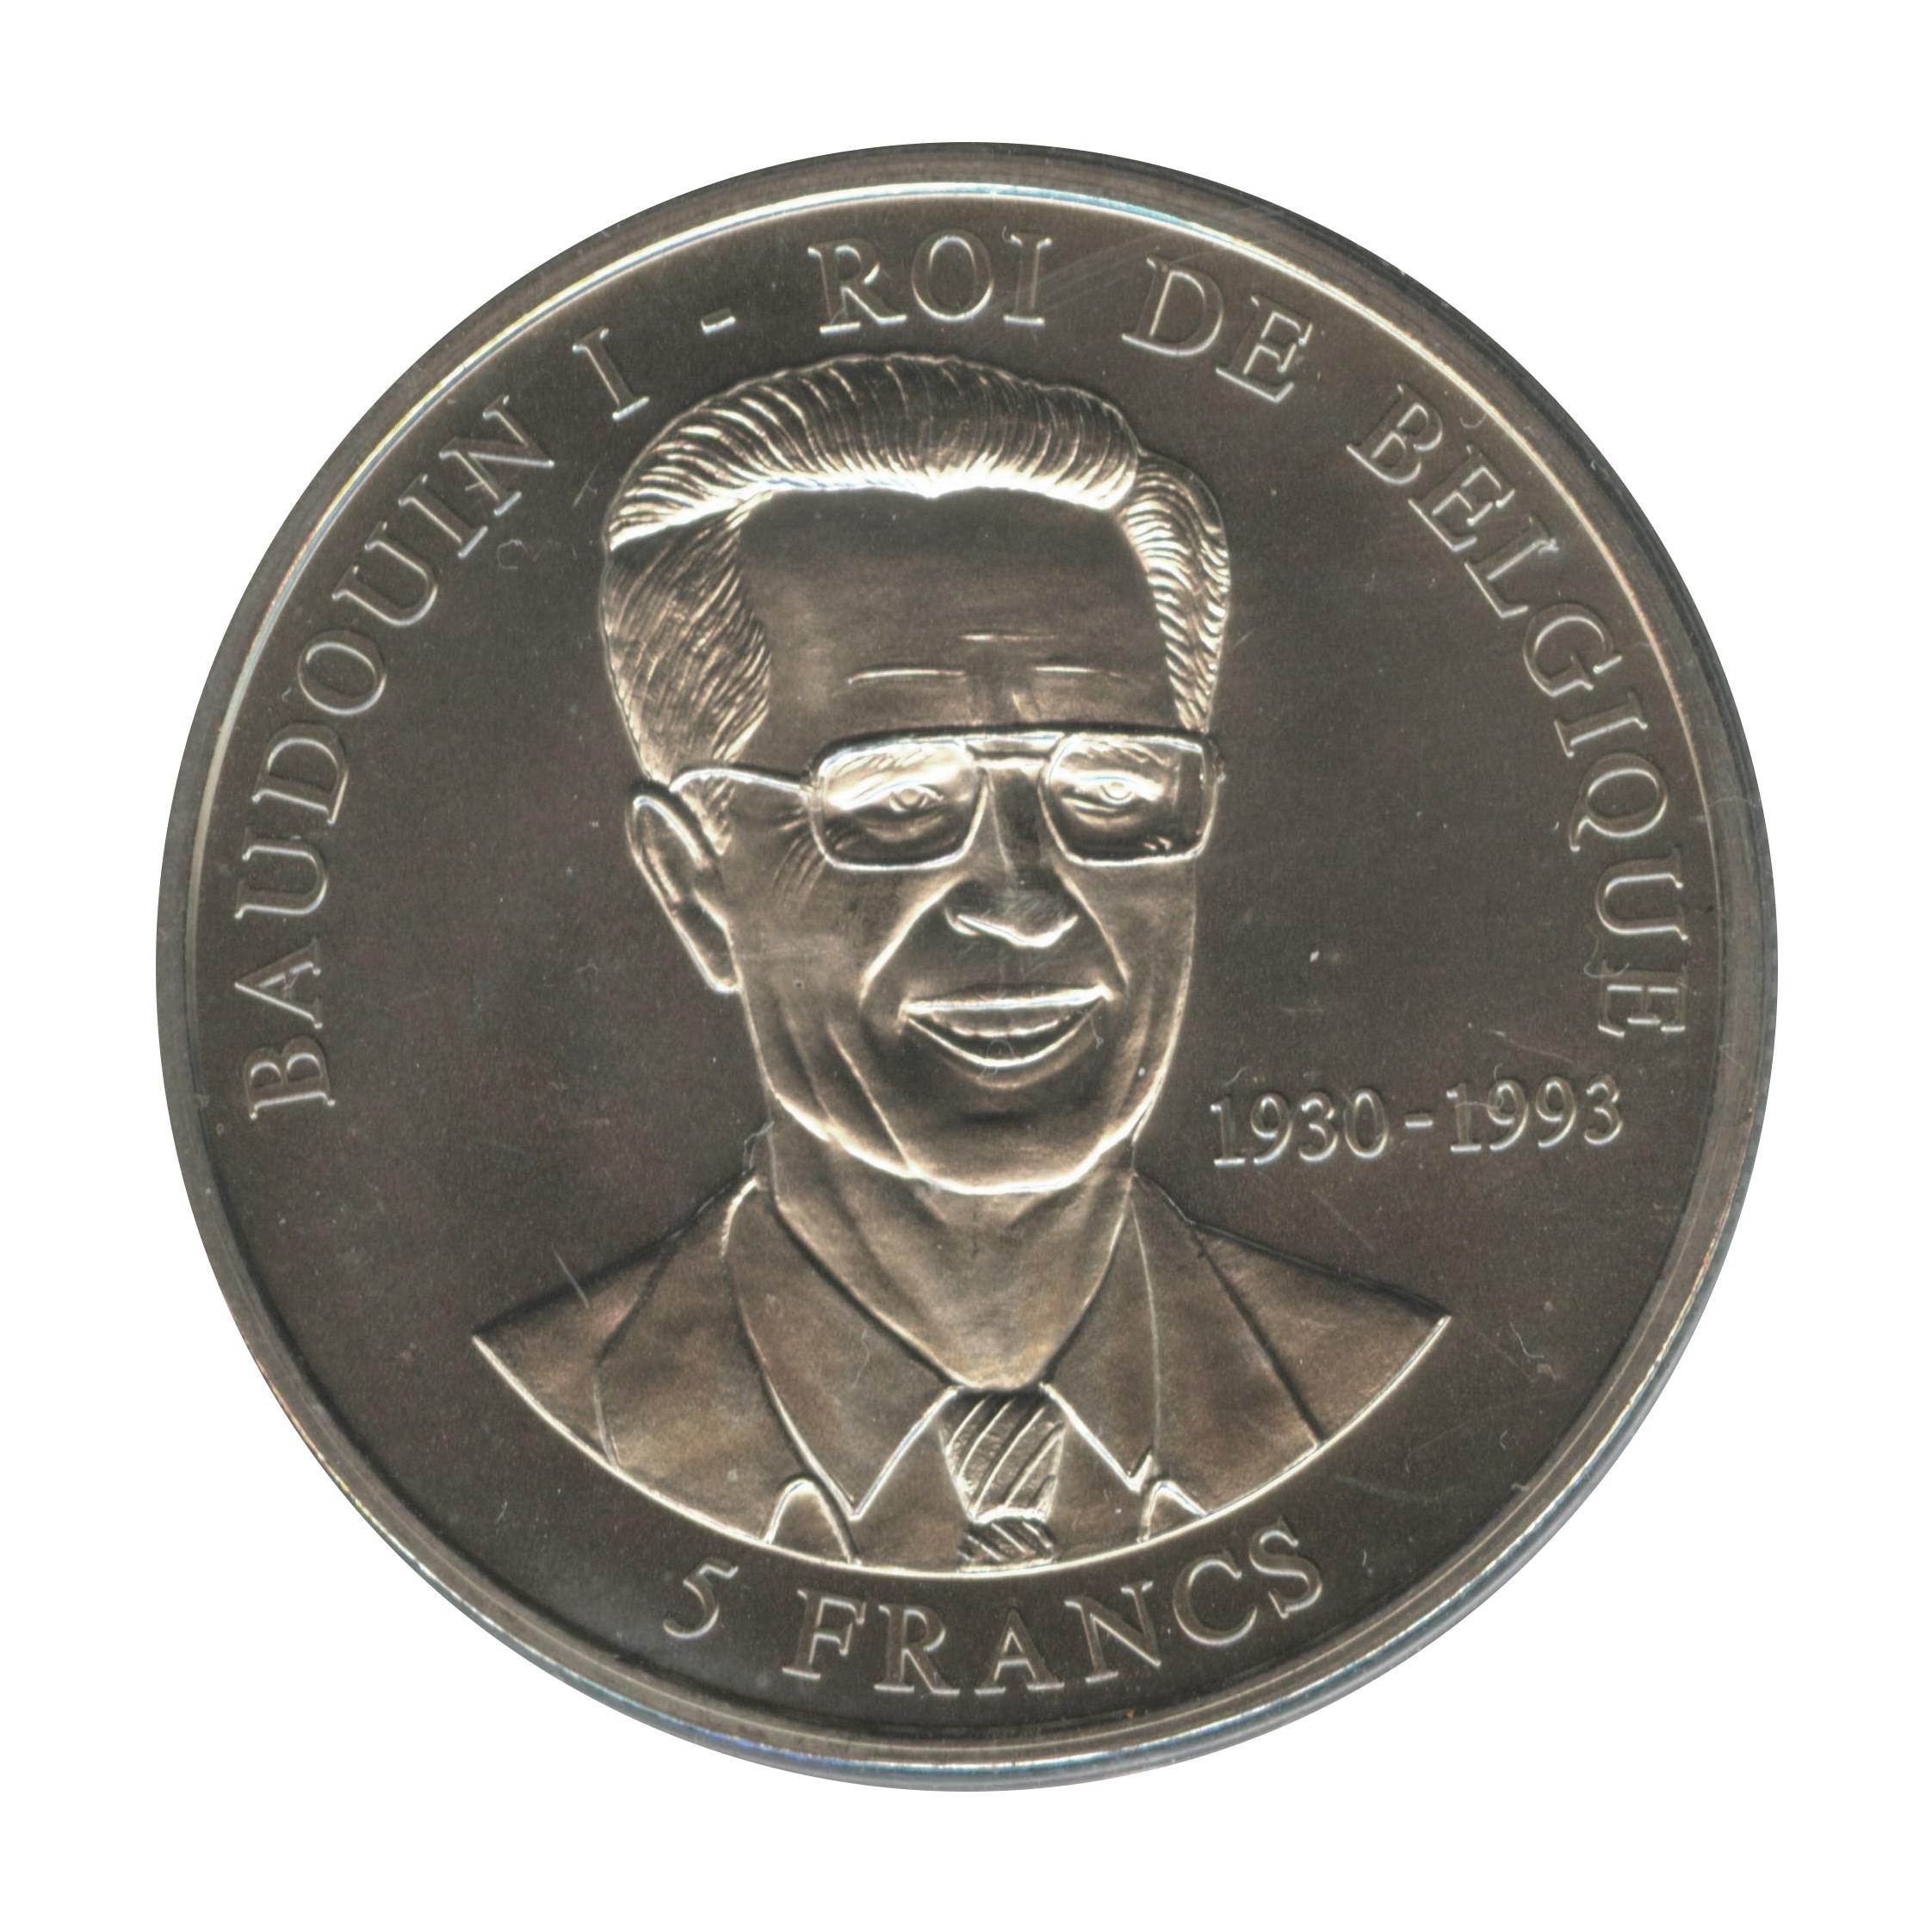 5 francs baudouin i roi de belgique congo r publique d mocratique numista. Black Bedroom Furniture Sets. Home Design Ideas